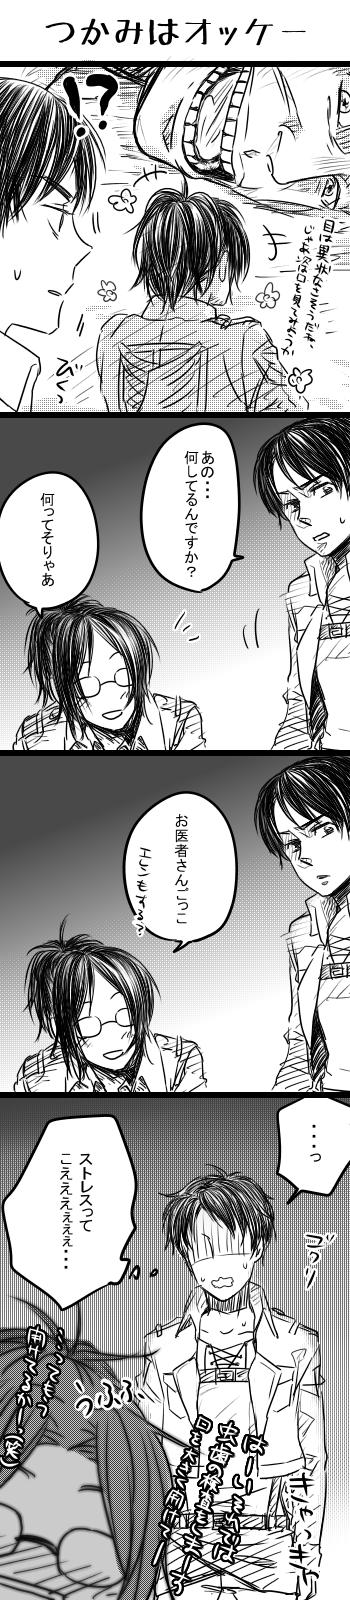 日記絵_巨人予告2